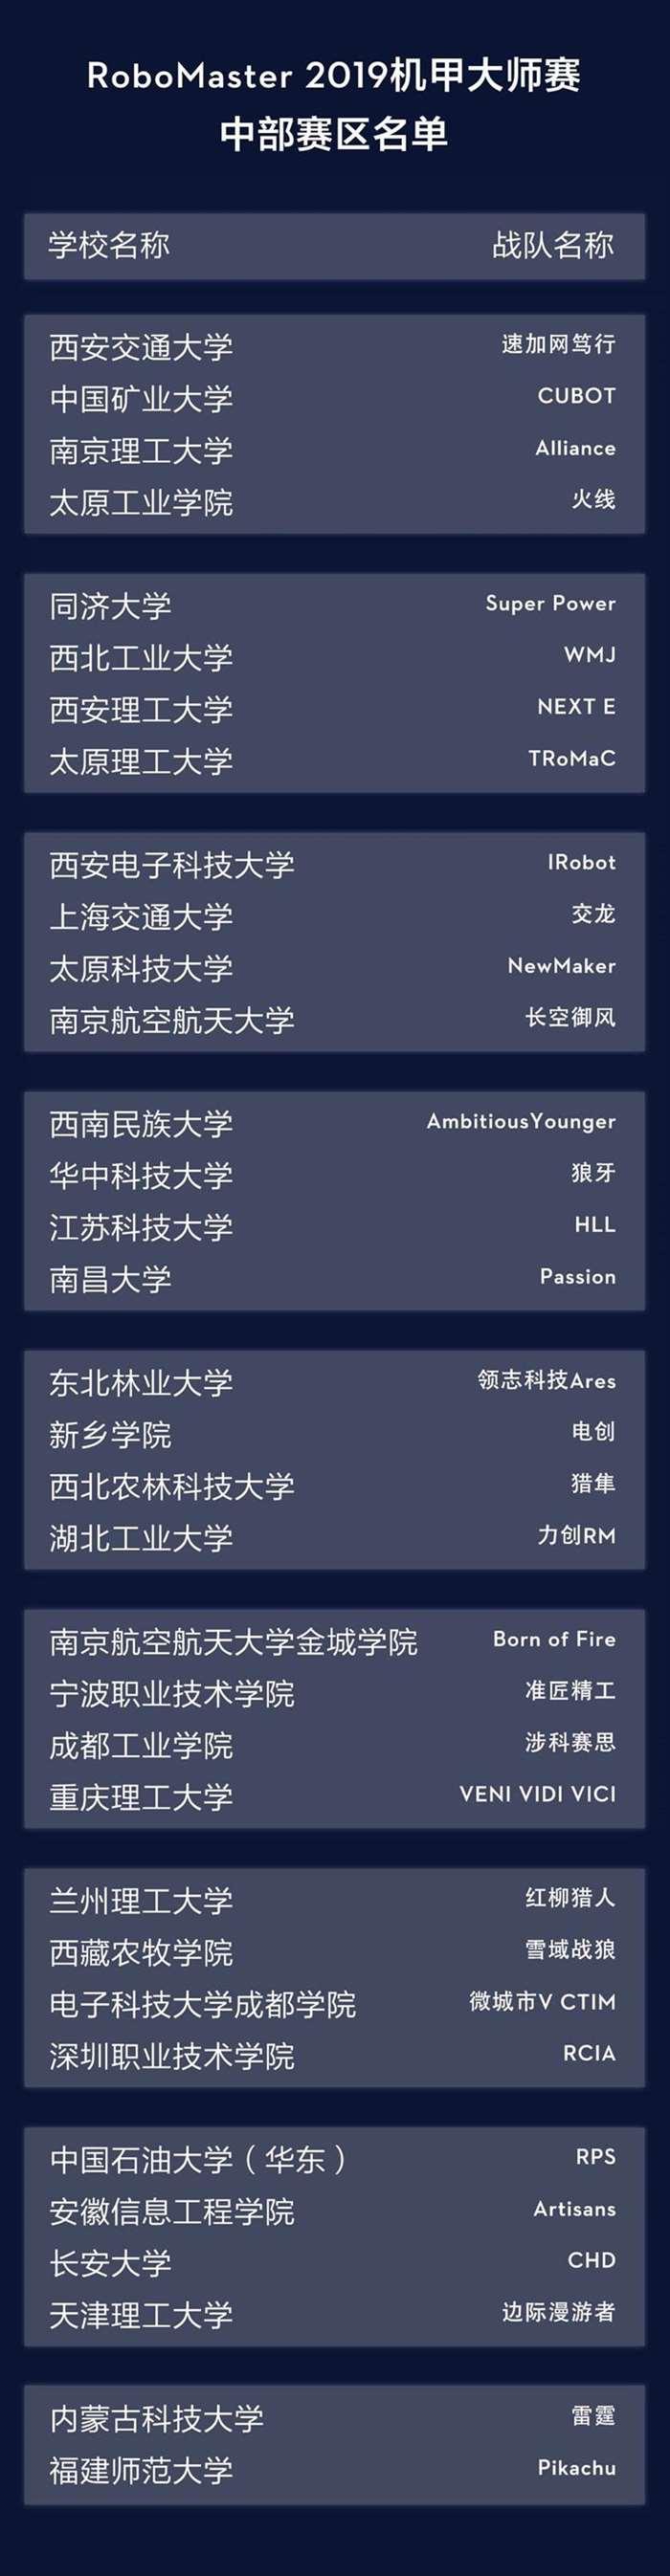 中部名单.jpg